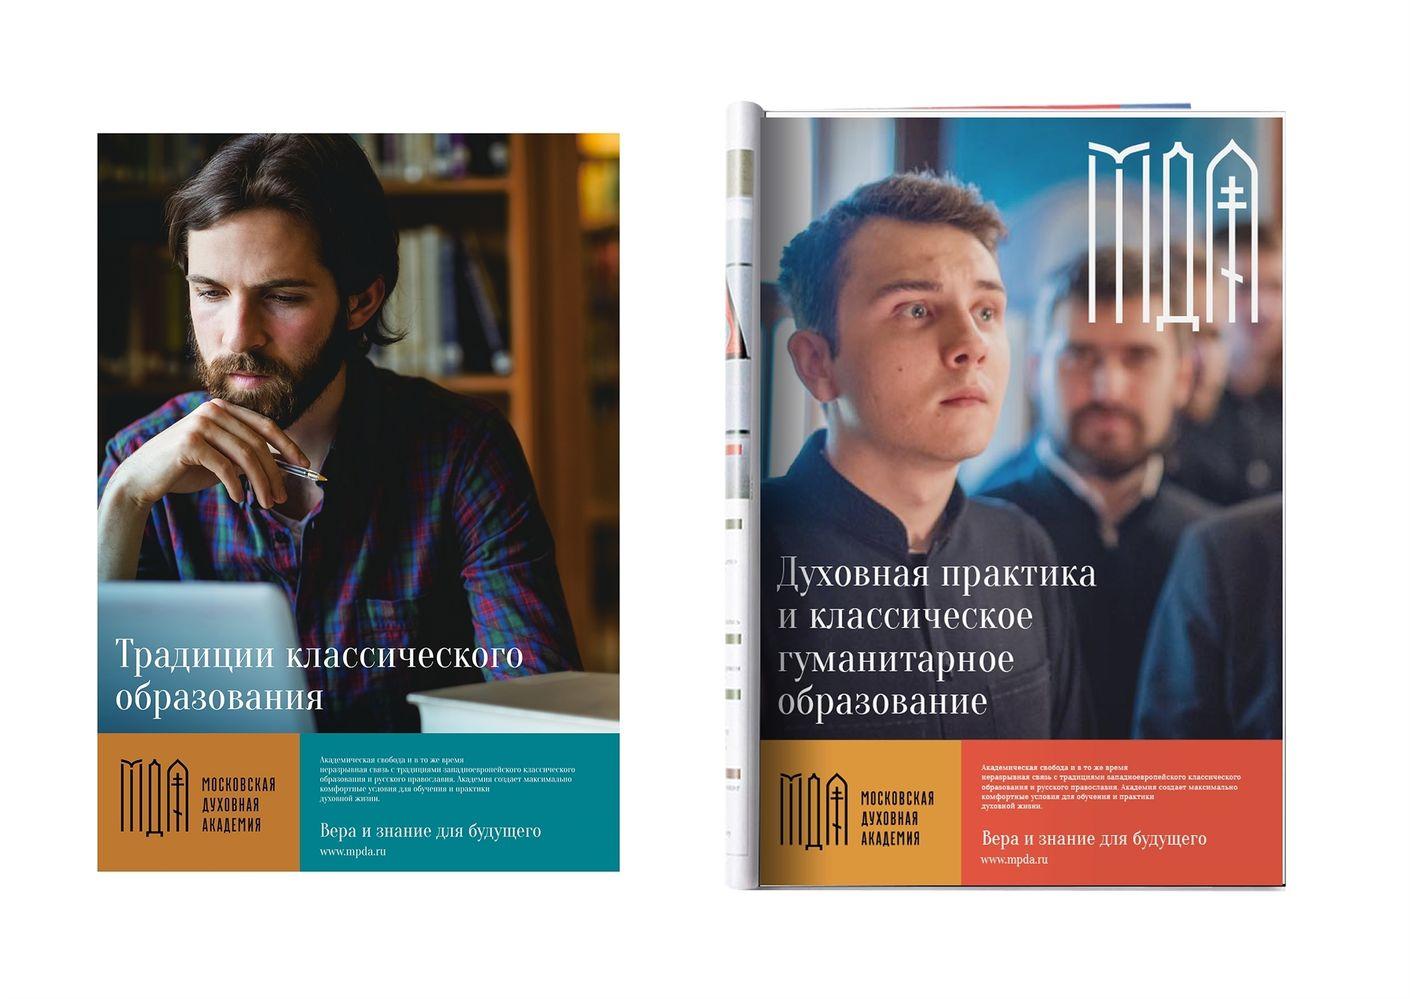 Ребрендинг Московской духовной академии - hsedesignlab/ru